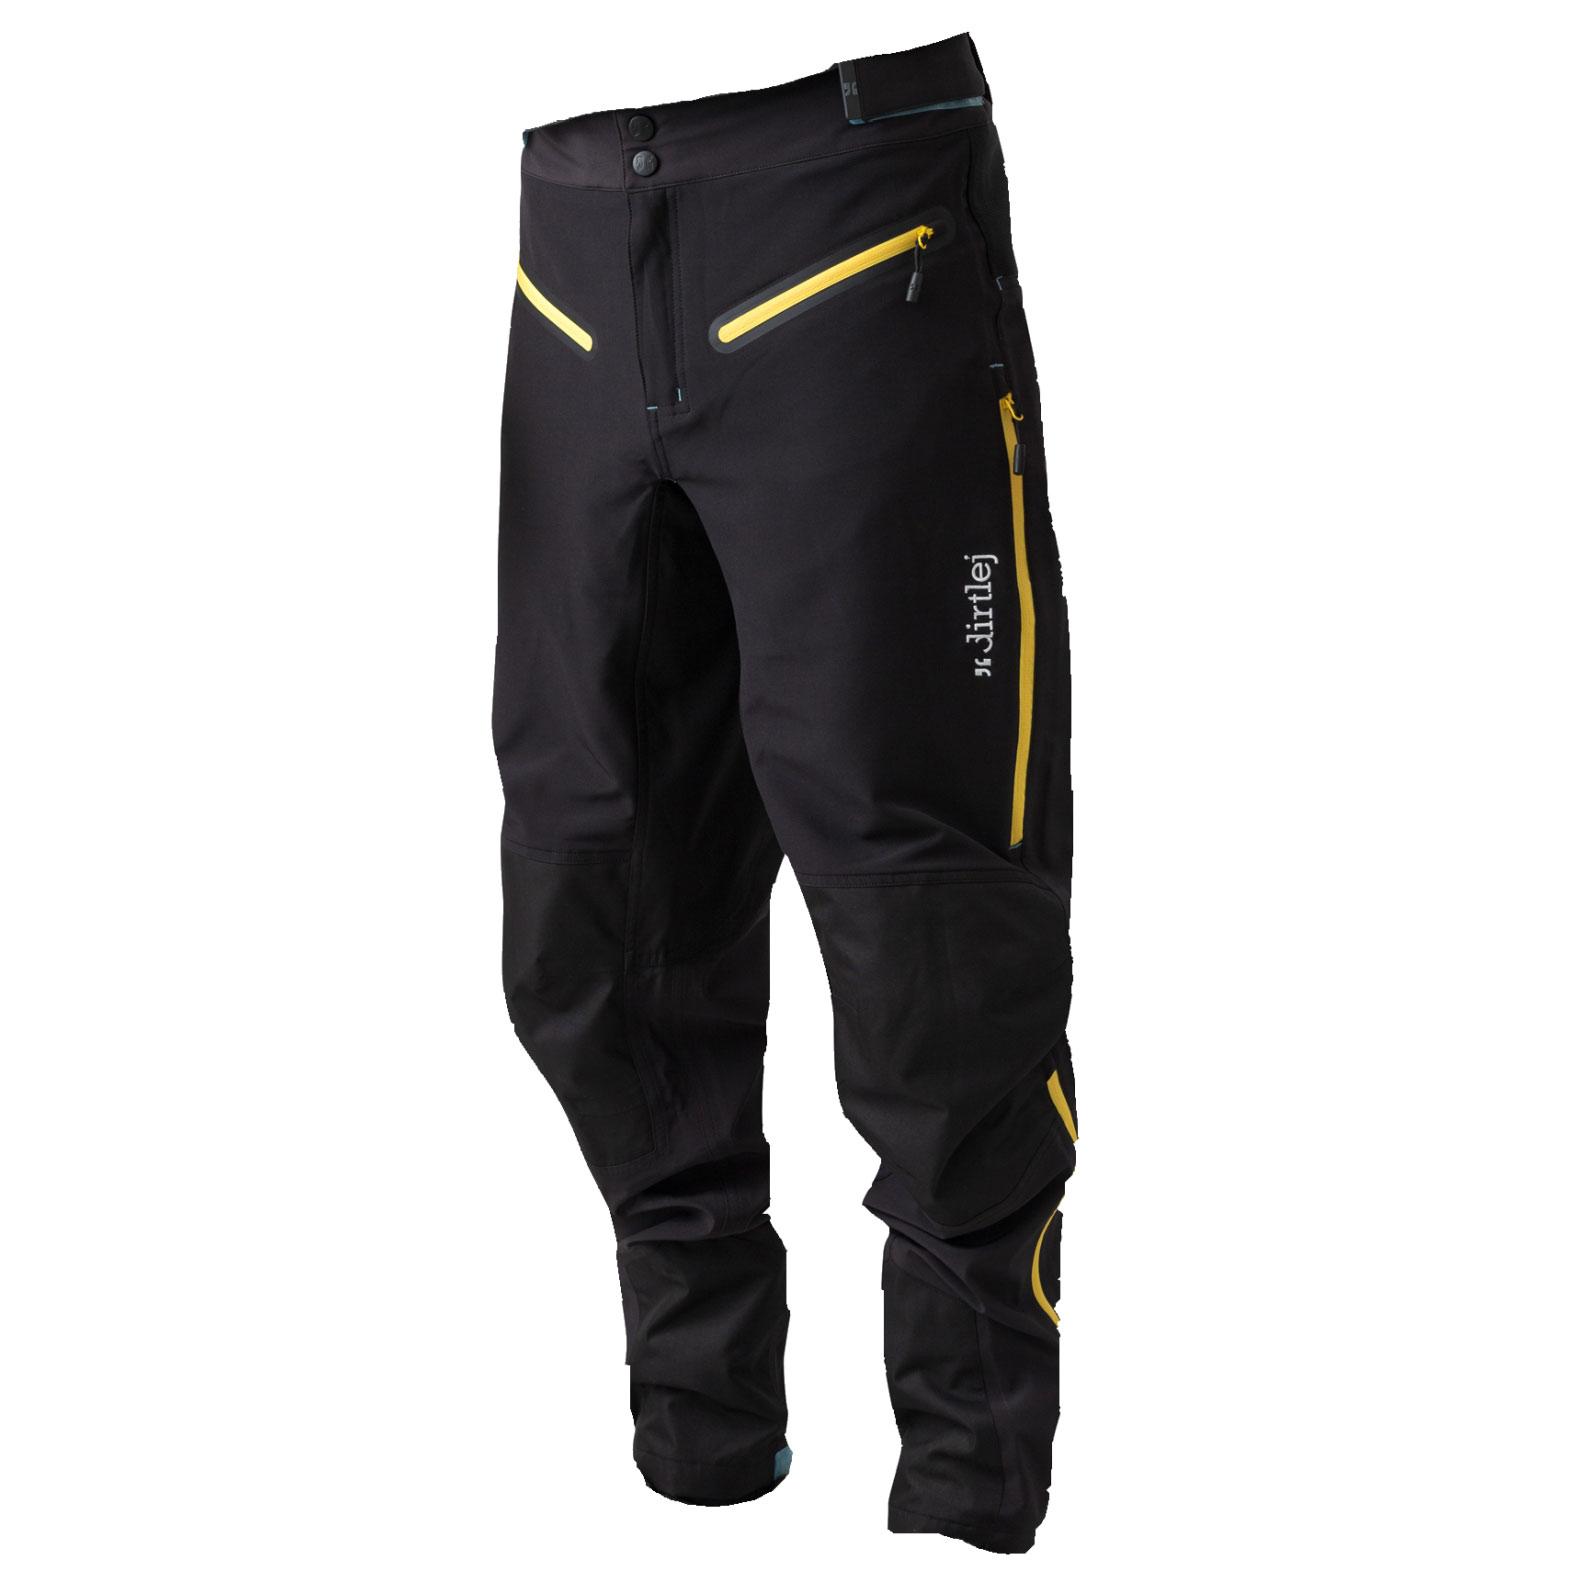 Foto de Dirtlej Trailscout Half & Half Pantalones para Hombres - black/yellow